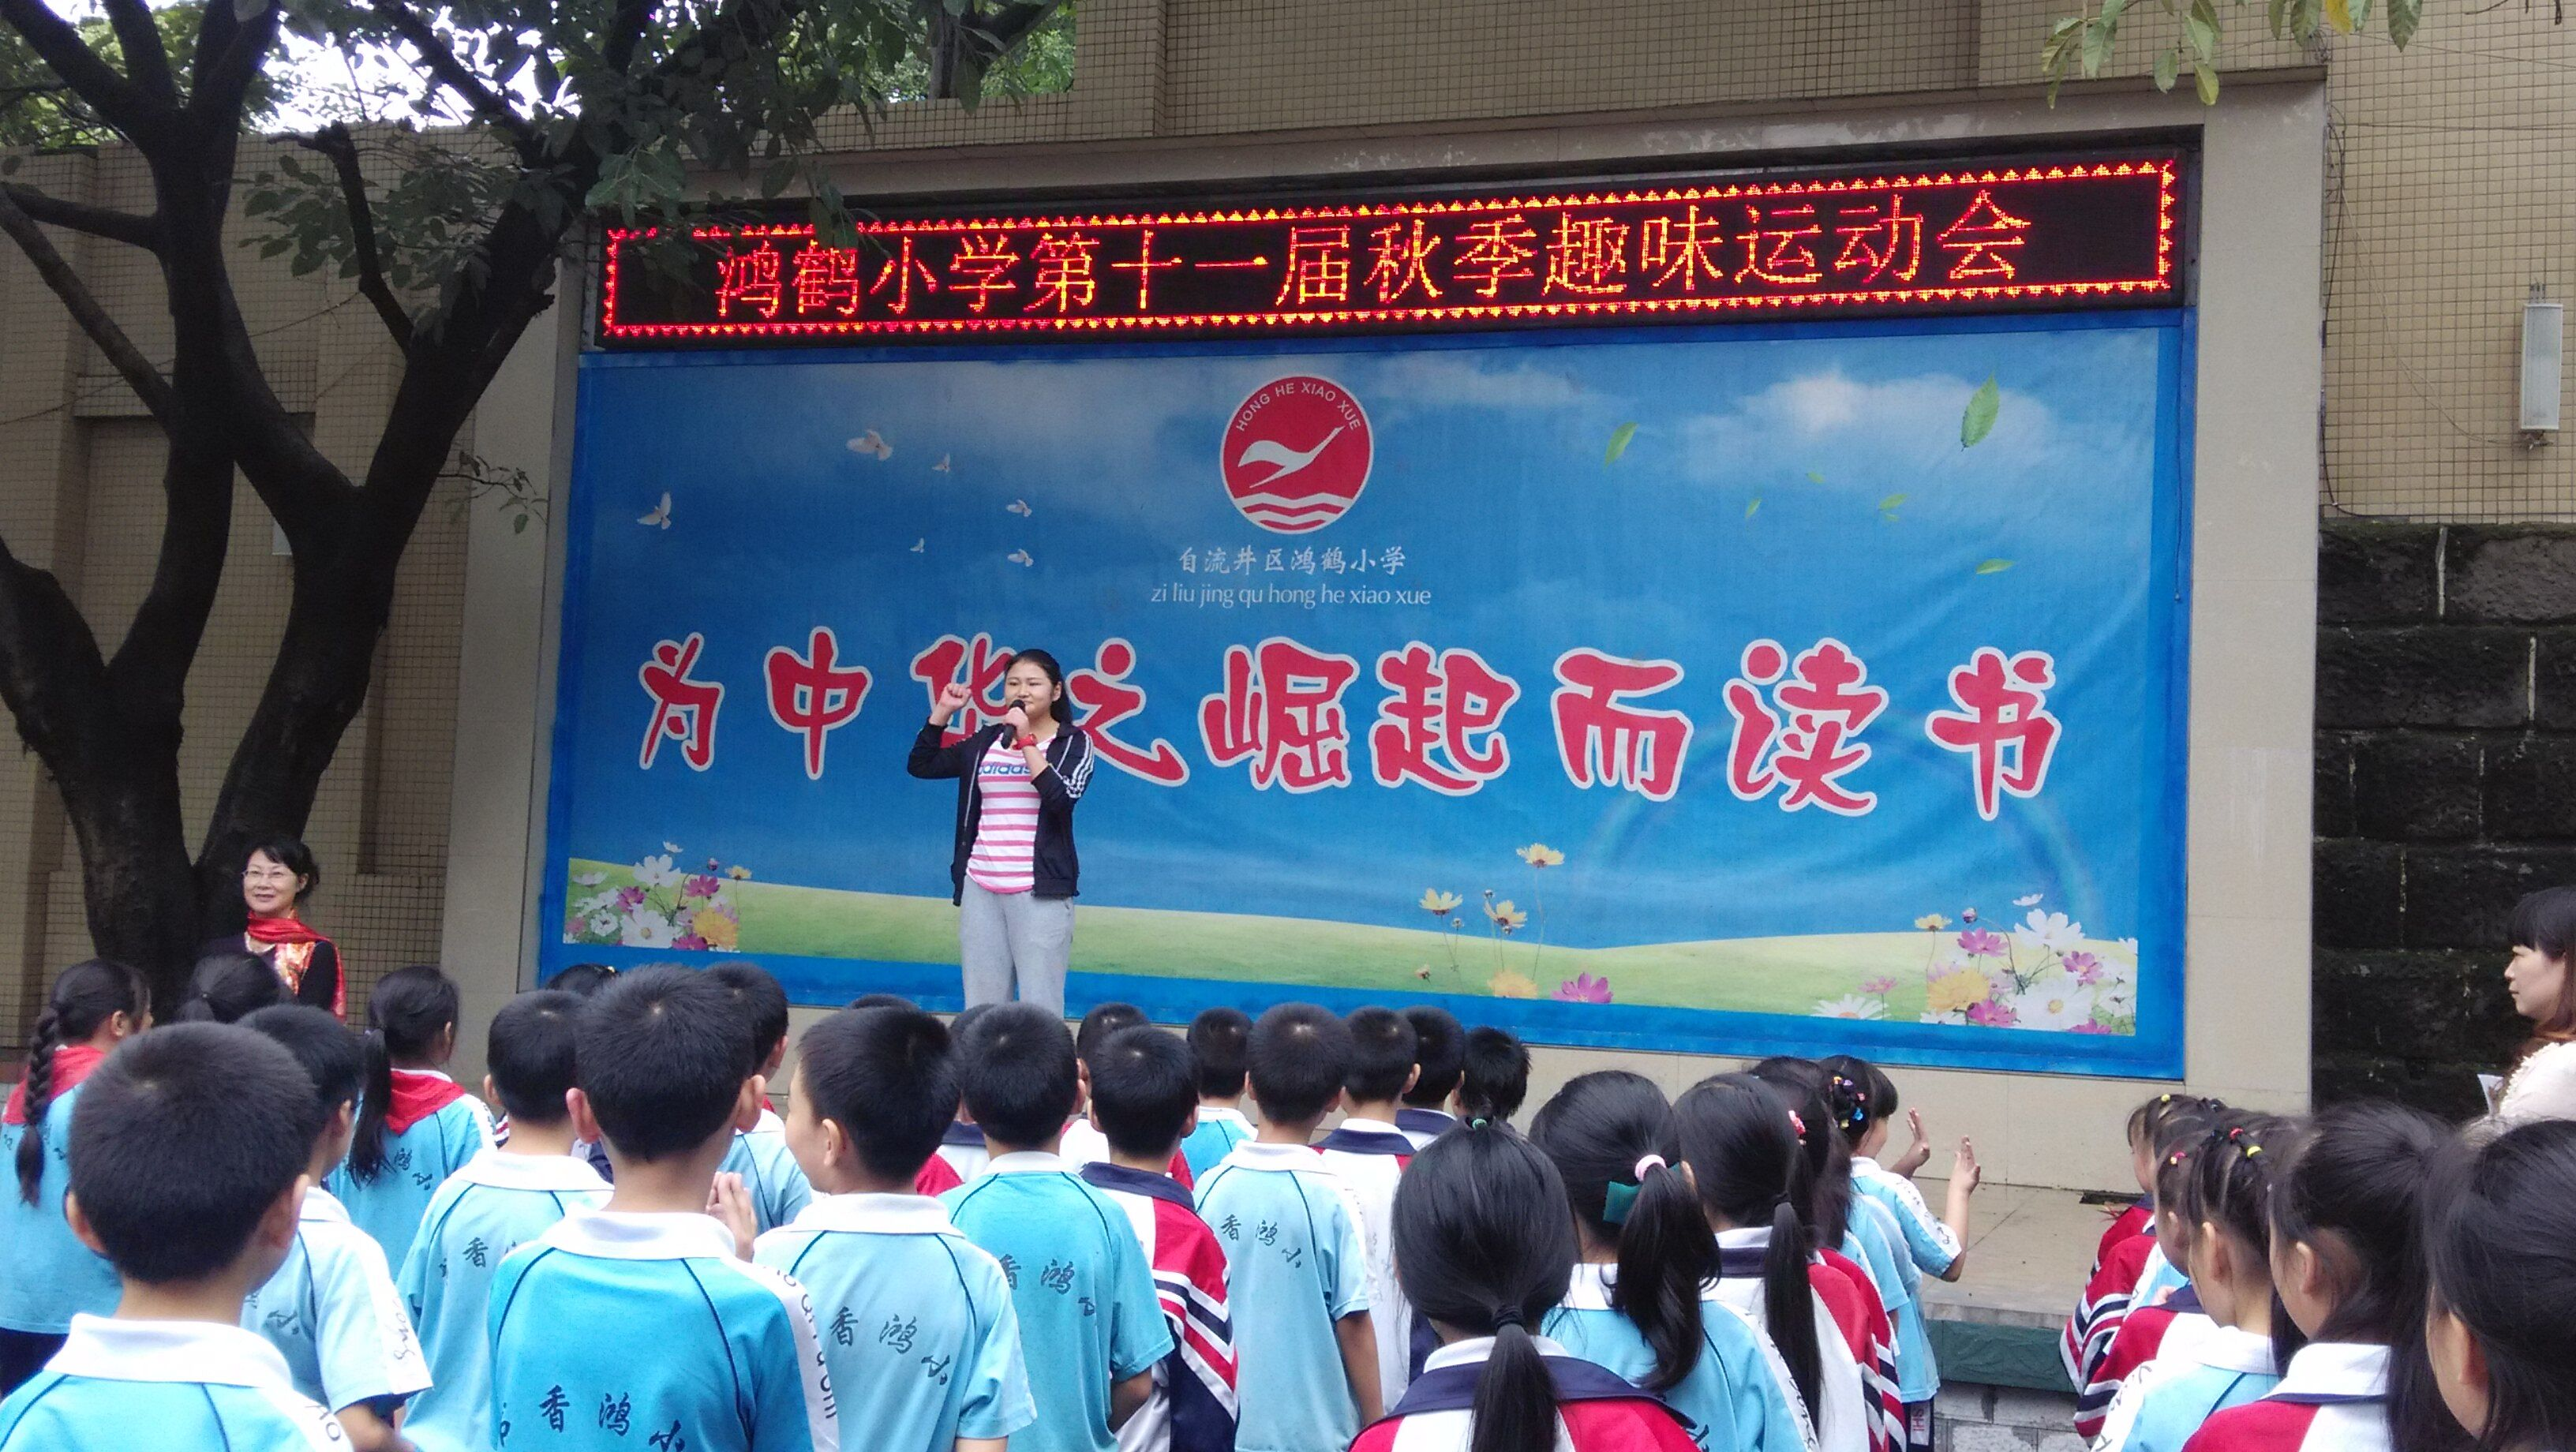 鸿鹤小学第十一届运动会